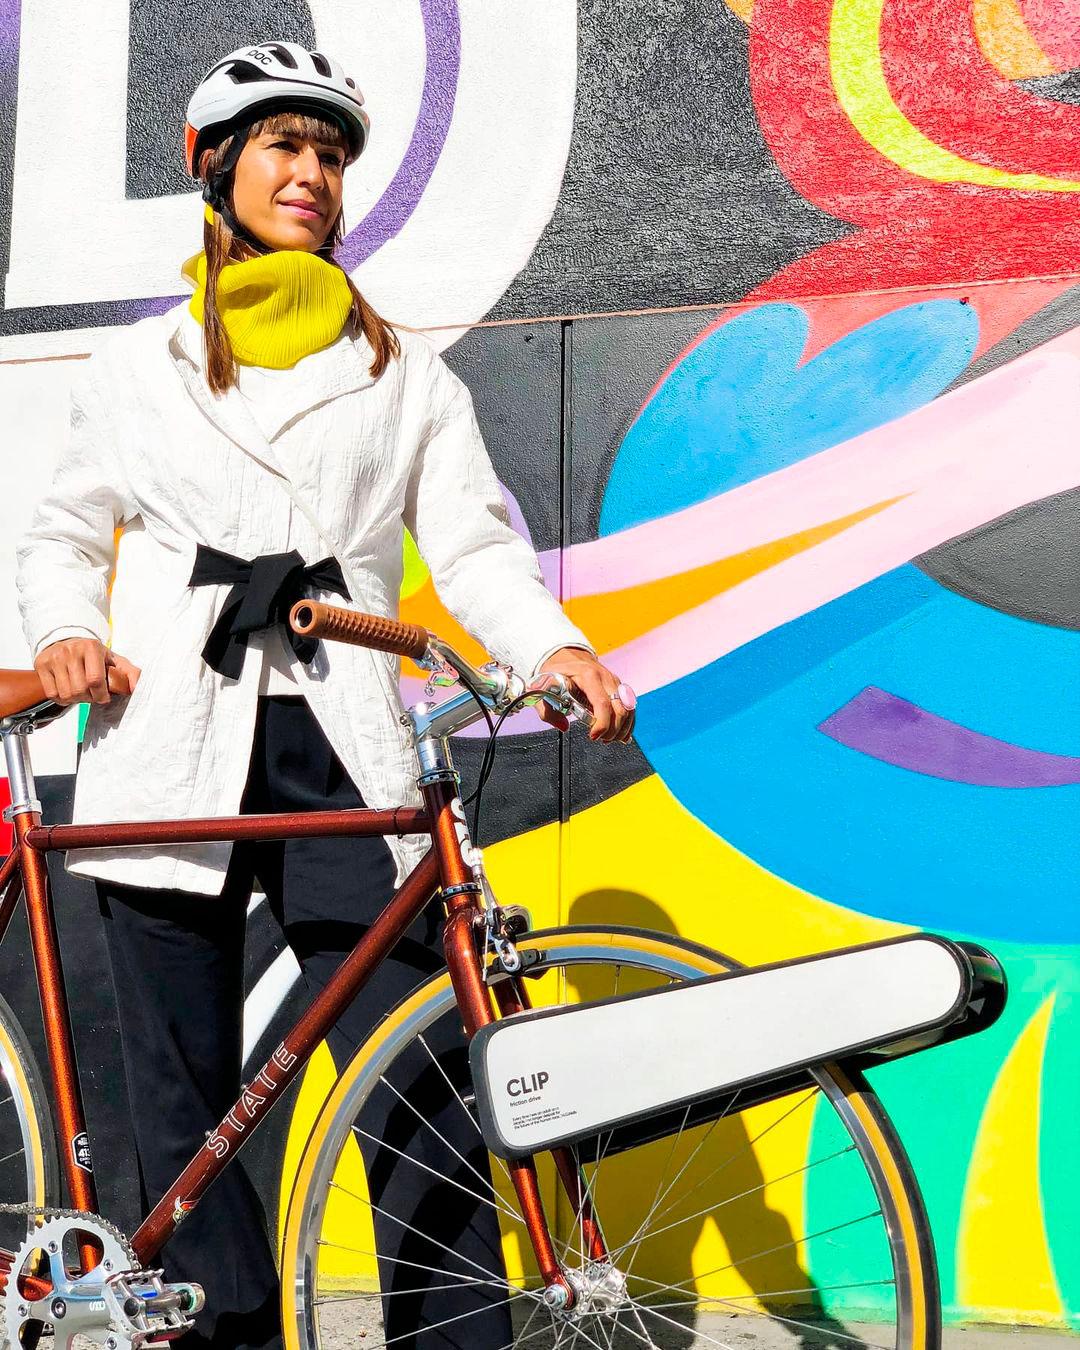 Clip: um dispositivo que transforma uma bicicleta comum em elétrica